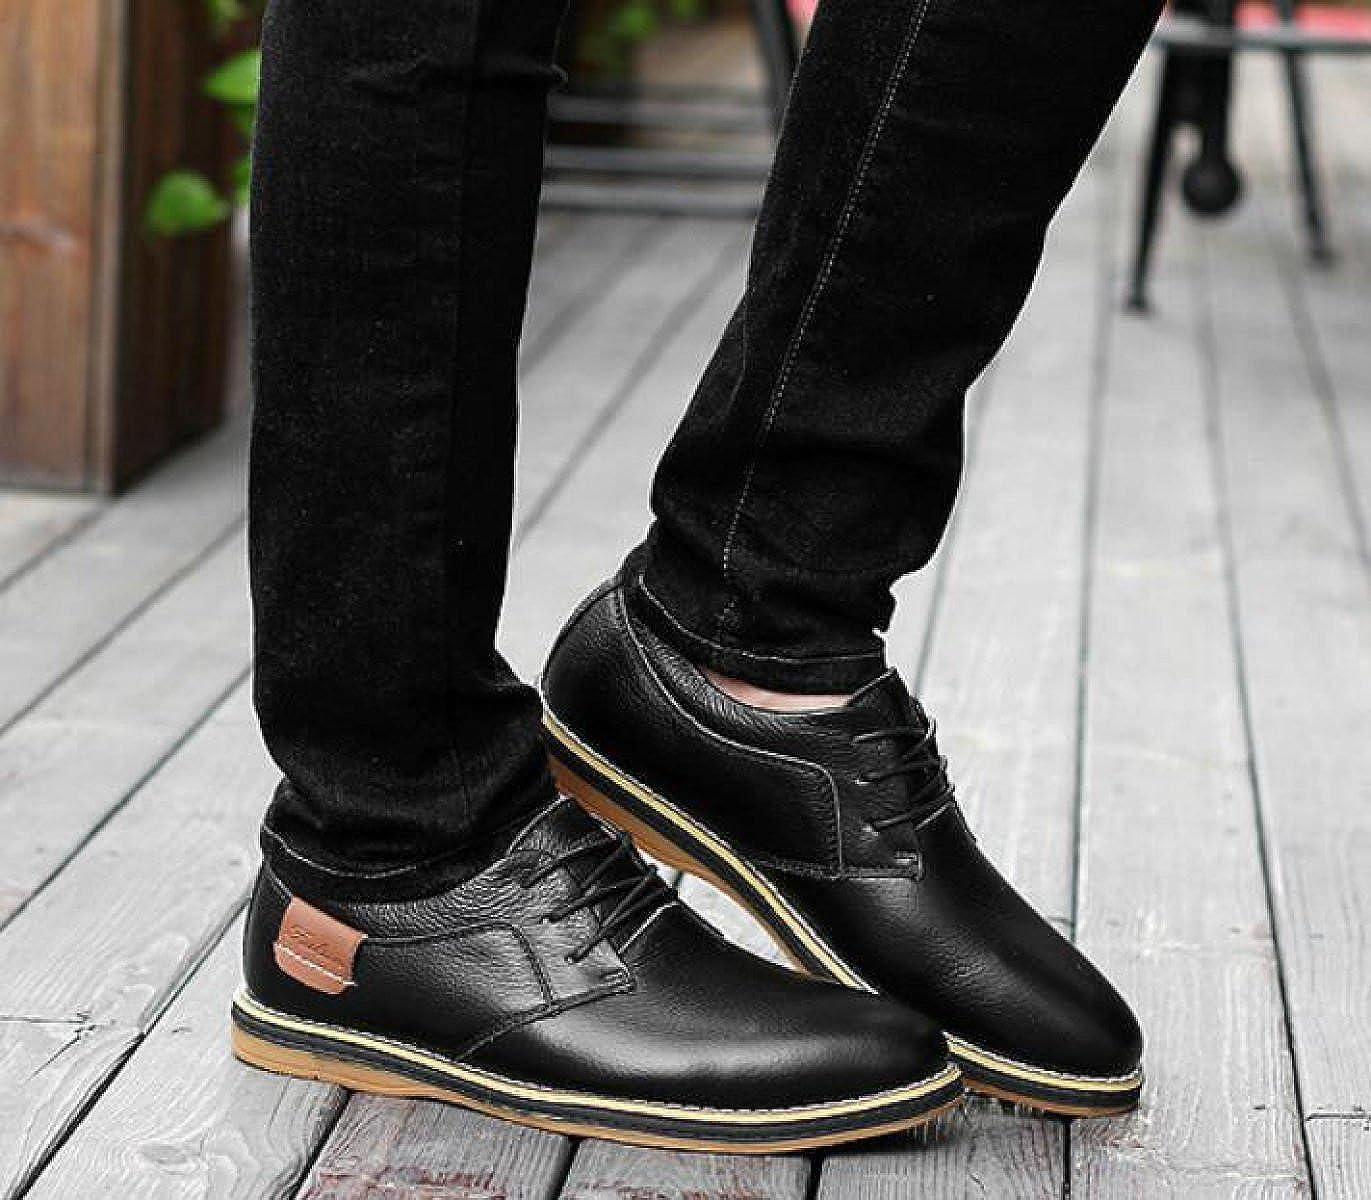 England Geschäft Freizeit Einzelne Schuhe Leder Mode Freizeit ... ... Freizeit 1856ab